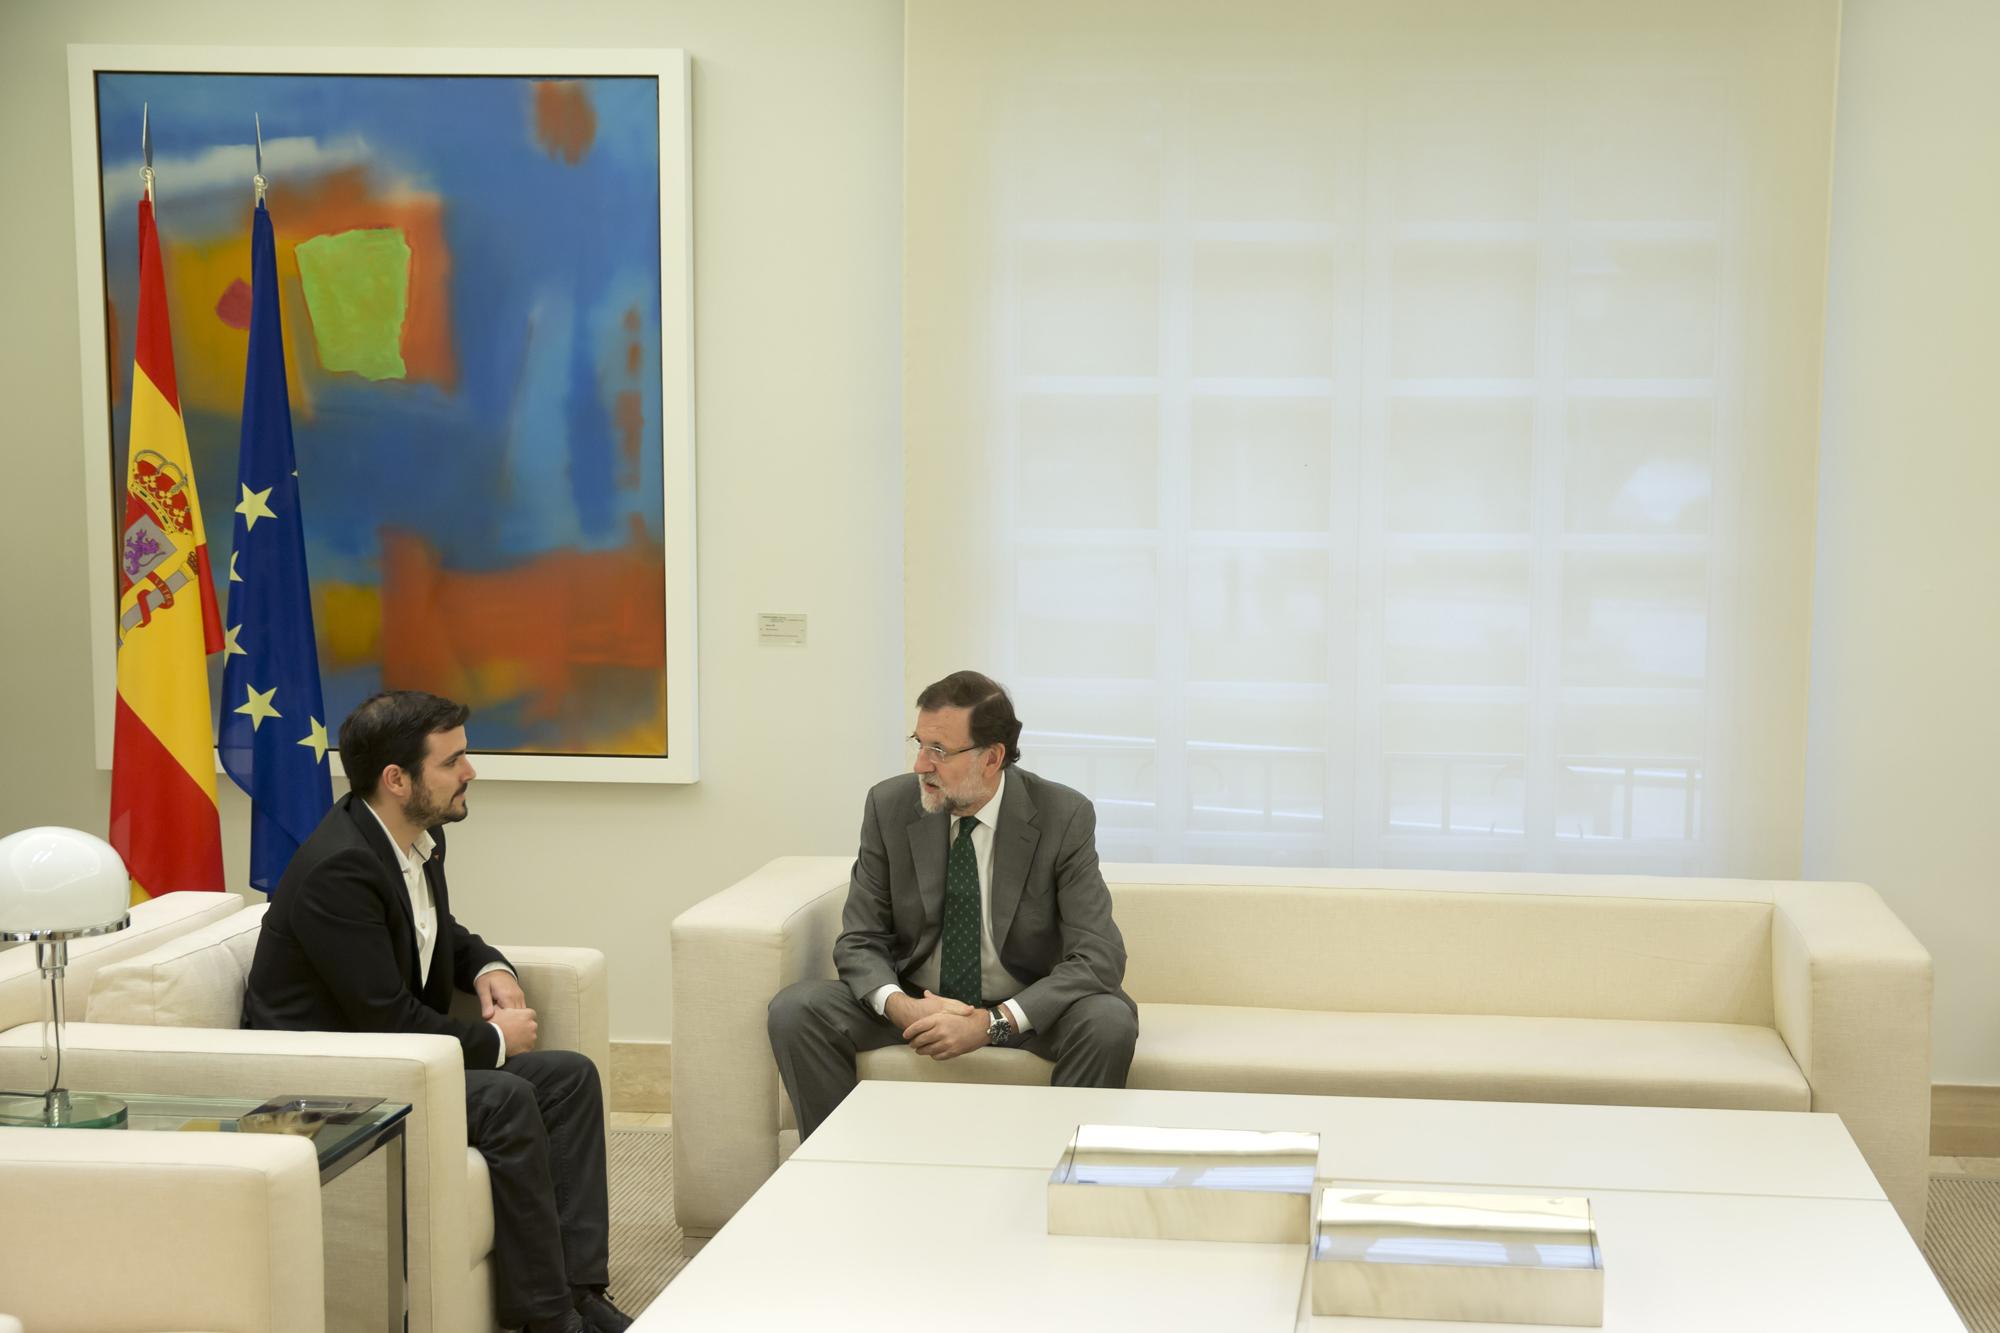 02/11/2015 Madrid, España El Presidente del Gobierno, Mariano Rajoy, recibe al dirigente de Izquierda Unida Alberto Garzón Fotografía: Diego Crespo / Moncloa Presidencia del Gobierno